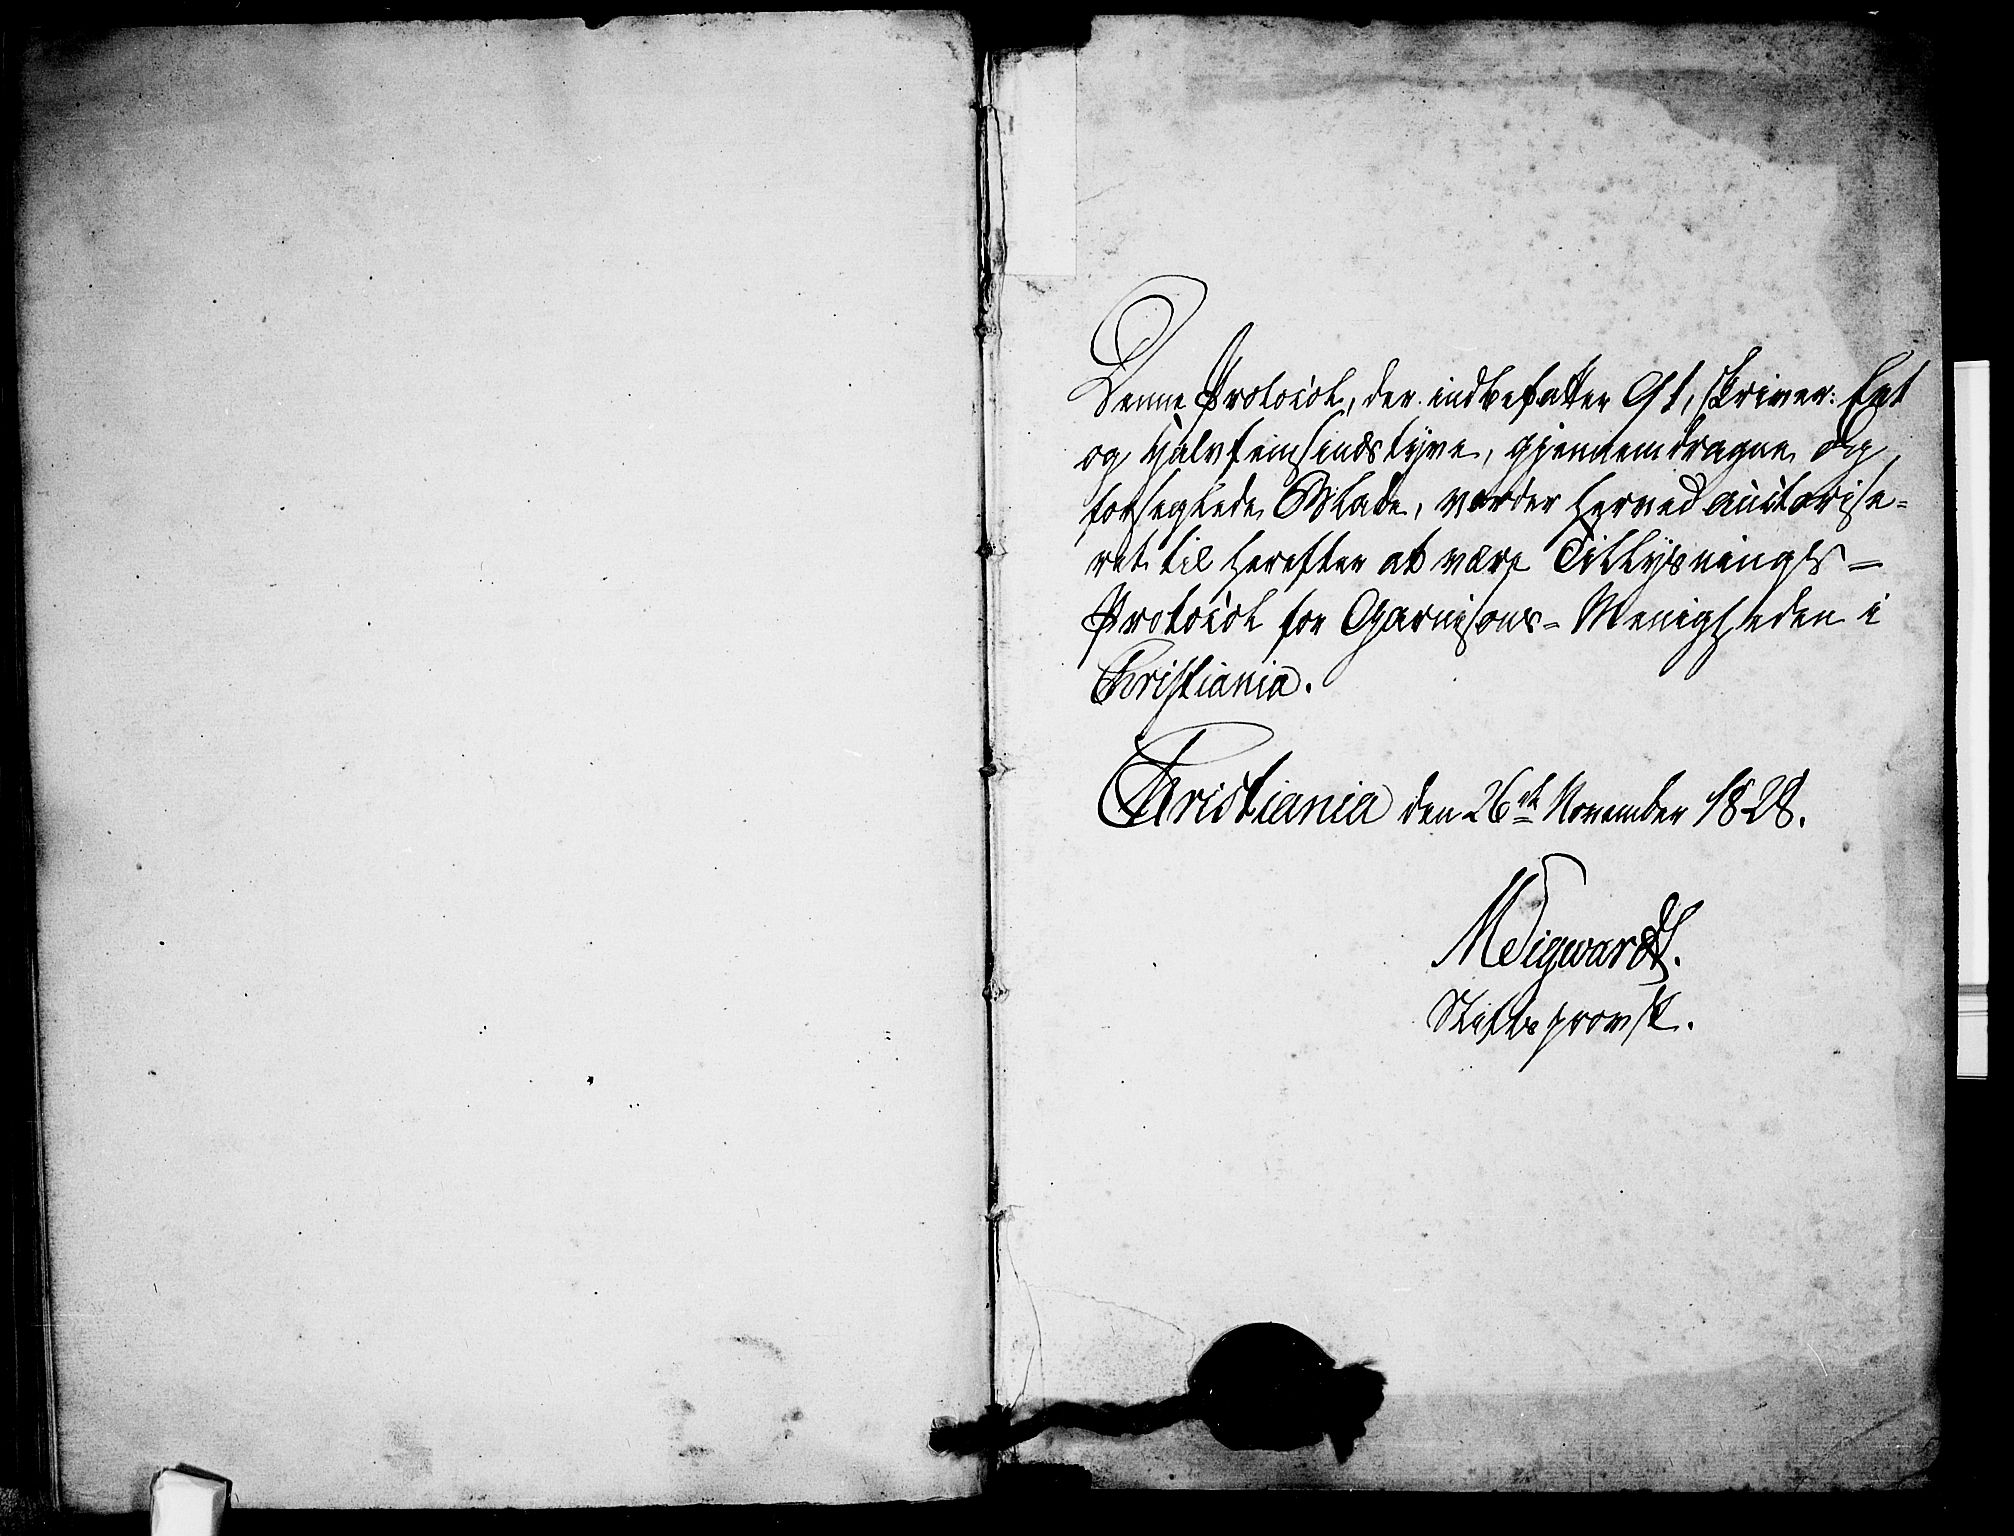 SAO, Garnisonsmenigheten Kirkebøker, H/Ha/L0002: Banns register no. I 2, 1829-1835